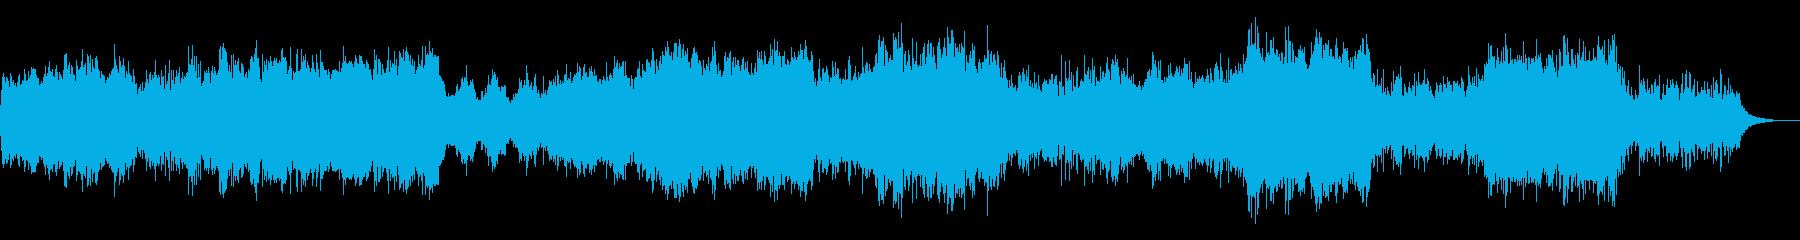 明るいファンタジーイメージの管弦楽曲の再生済みの波形